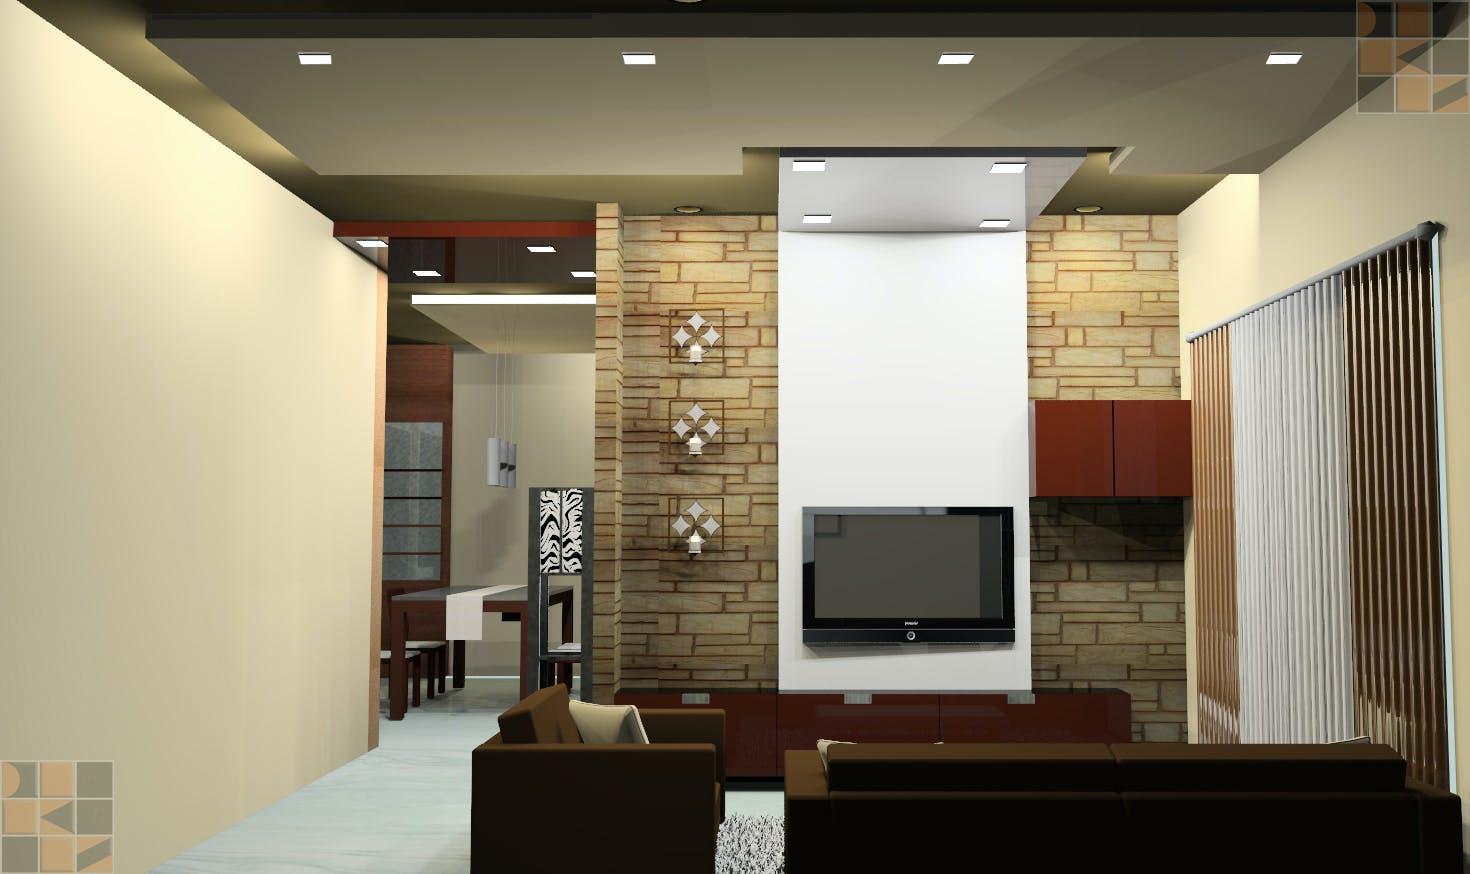 Residential interior design for mrs brindha srinivasan at vishwakarma skypark pallavaram d for Chennai interior design living room